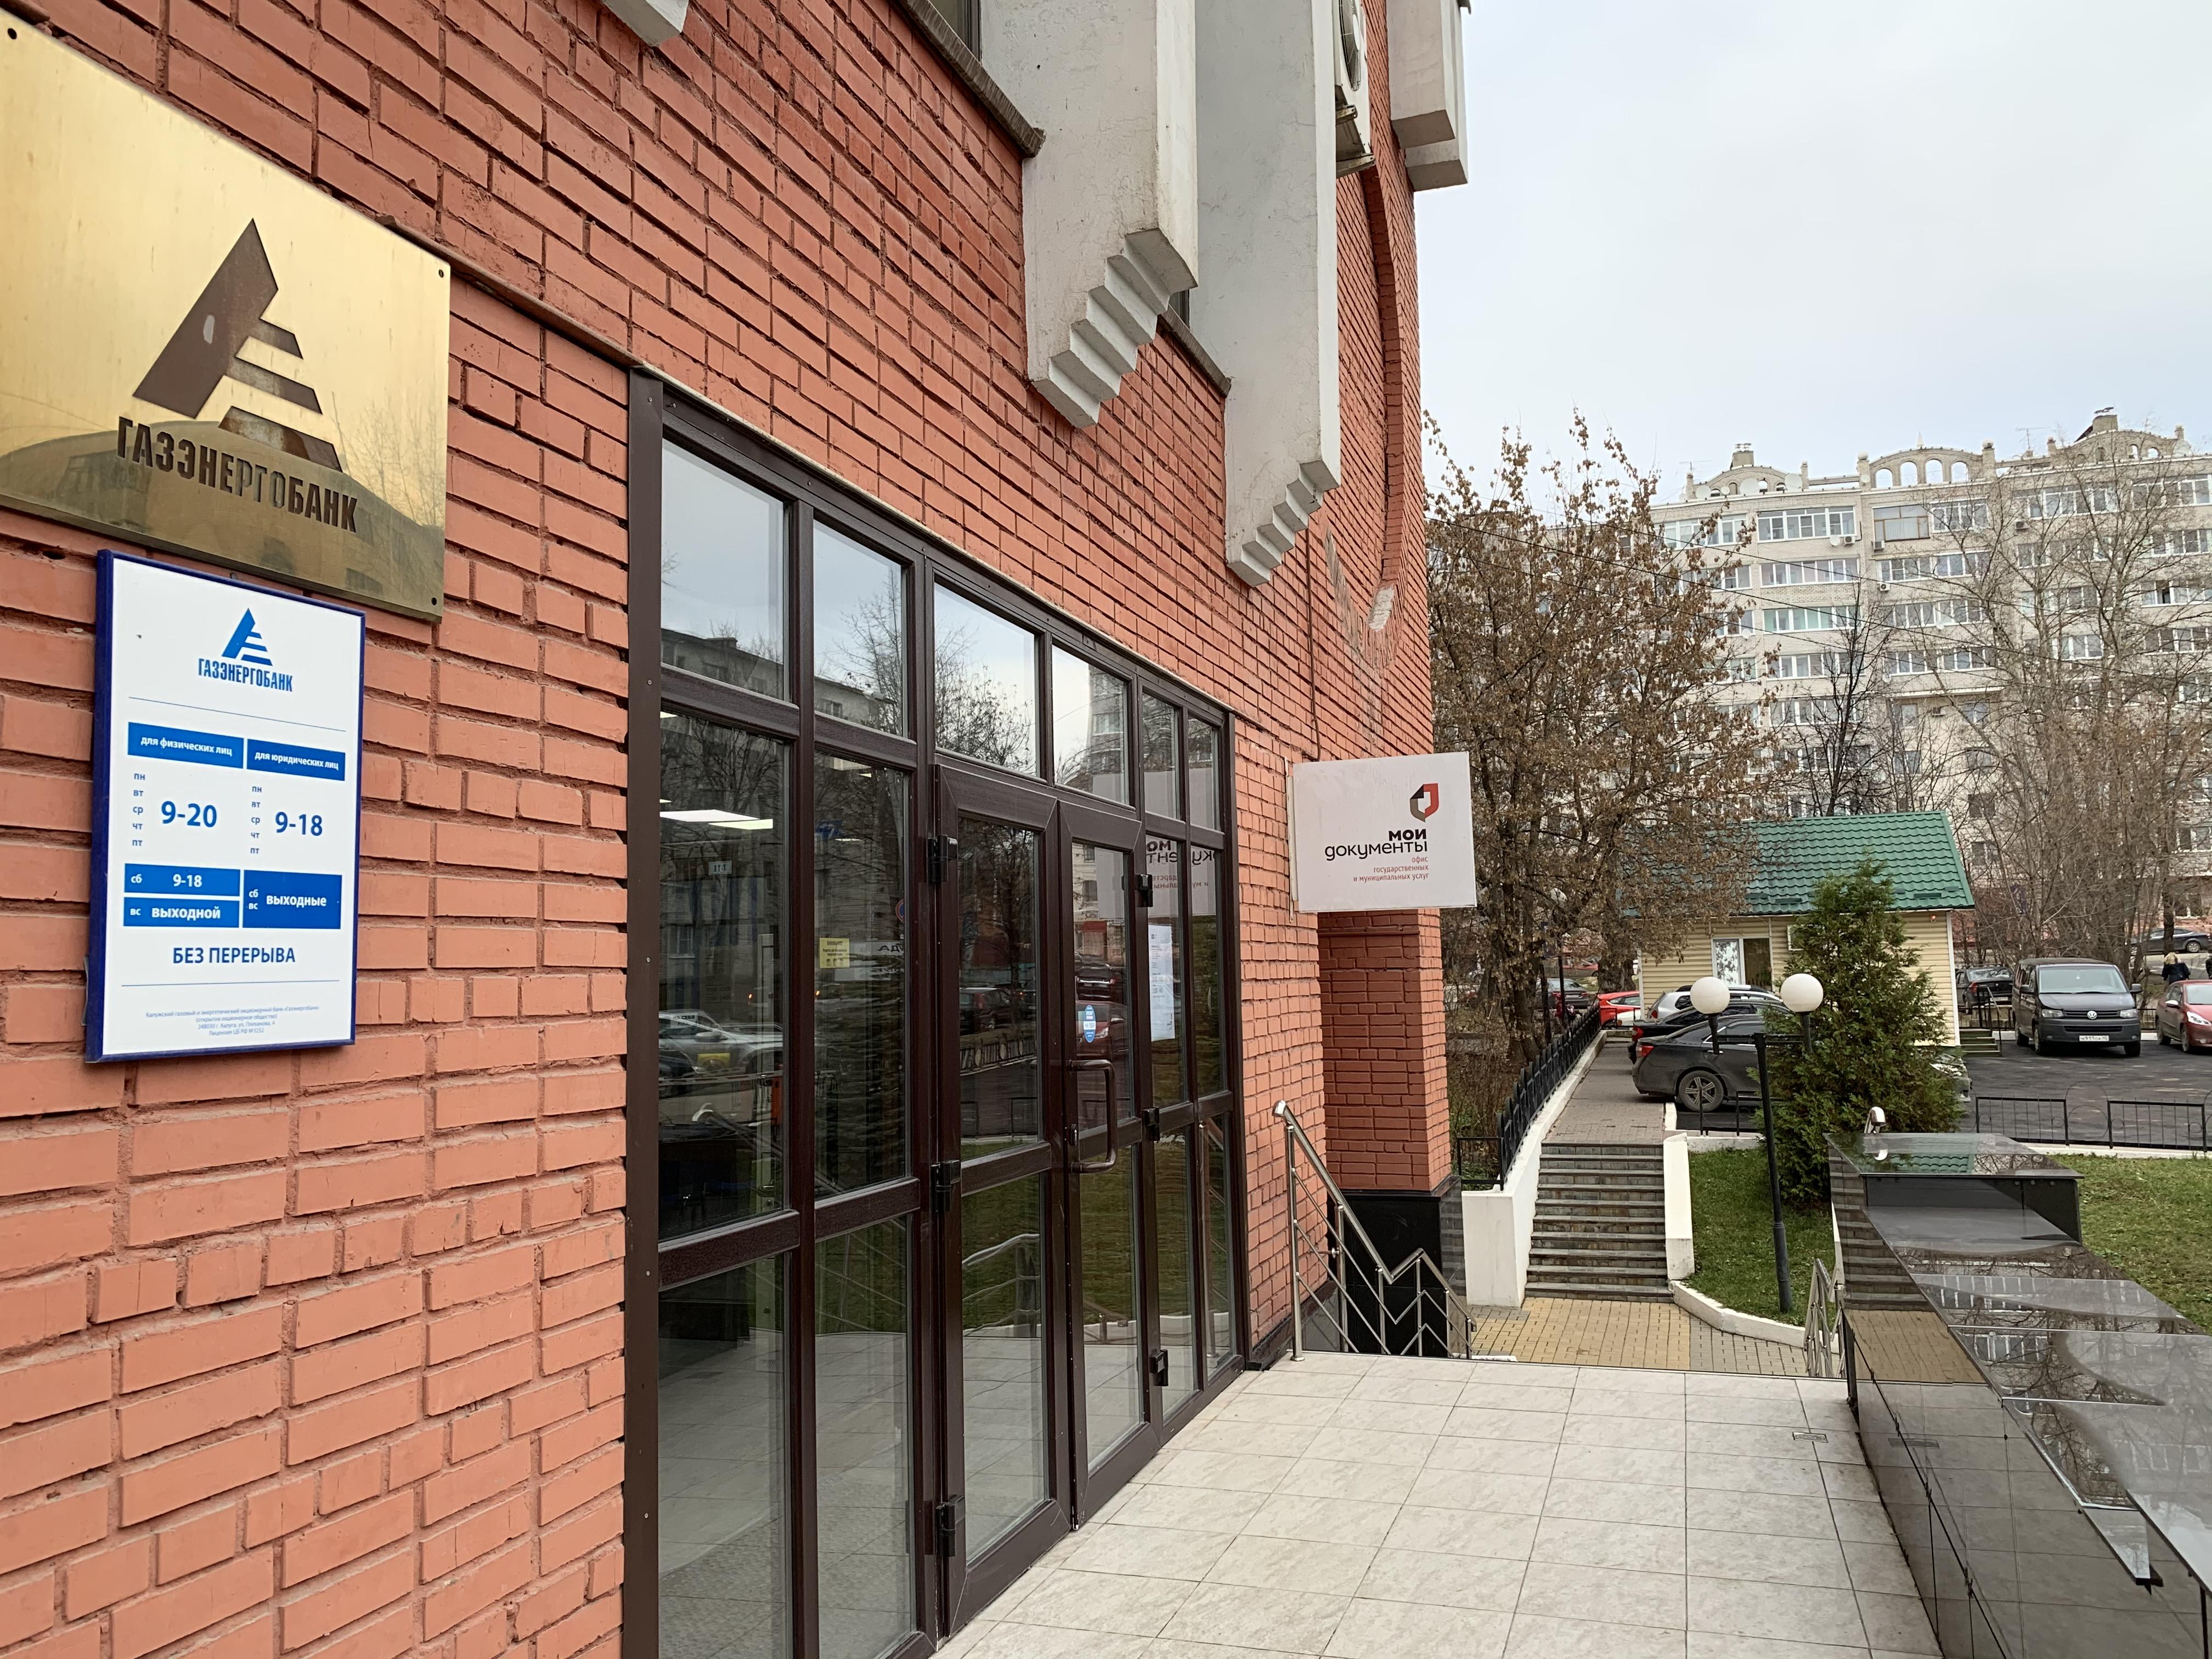 МФЦ «Мои документы» открылся на площадке Головного офиса АО «Газэнергобанк» в г.Калуга